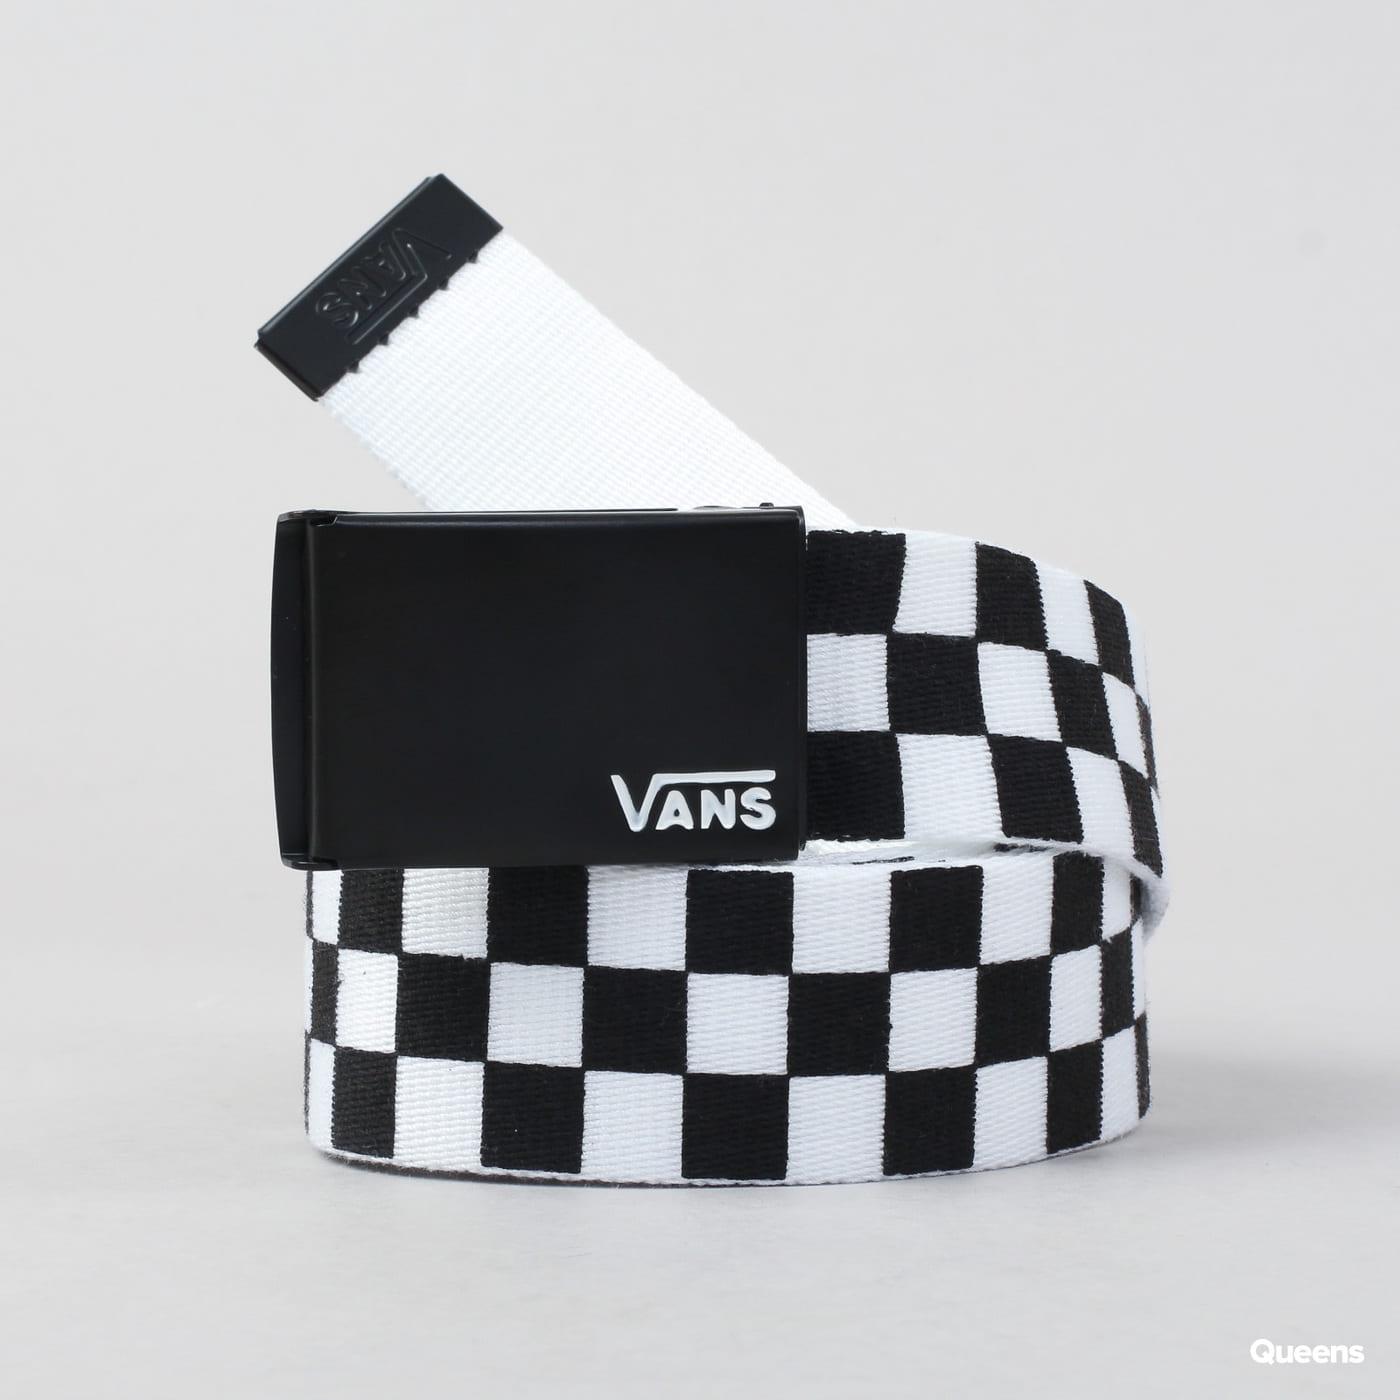 Vans Deppster II Web Belt schwarz / weiß